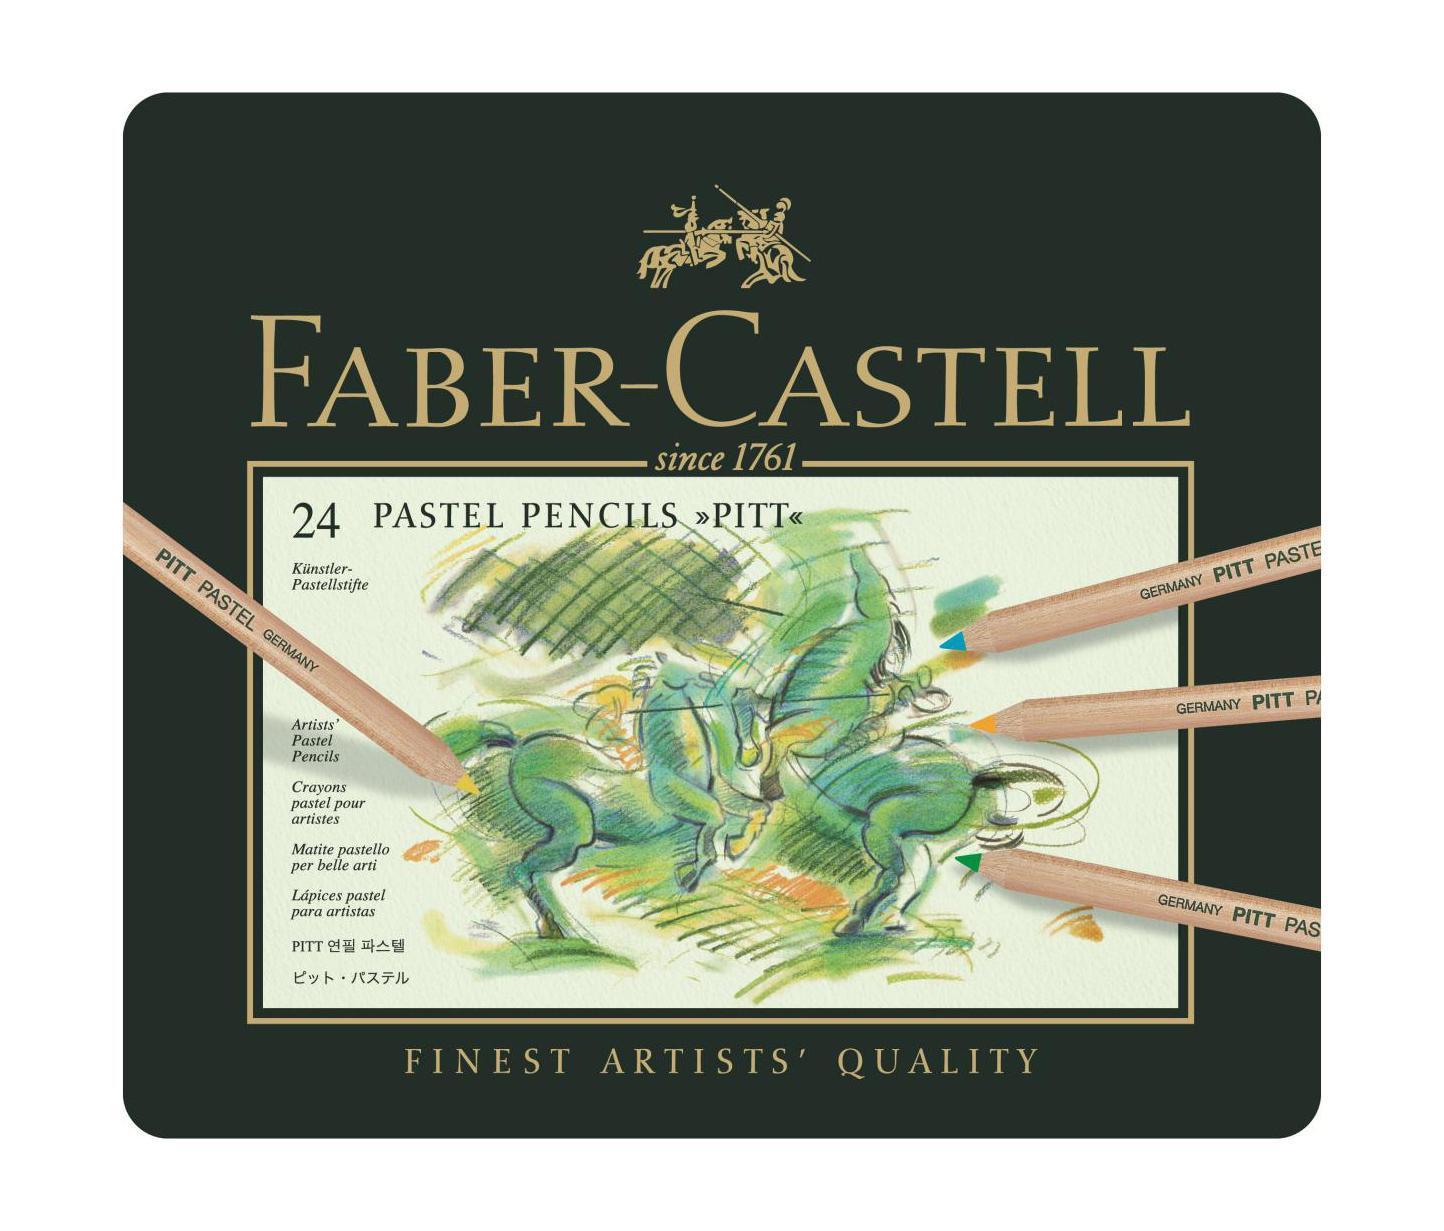 Пастельные карандаши PITT®, набор цветов, в металлической коробке, 24 шт.72523WDFaber Castell PITT 112124 - это пастельные карандаши высокого качества, устойчивые к выцветанию. Они не содержат воска, имеют исключительно толстые грифели 4.3 мм. Вид карандаша: цветной.Материал: дерево.